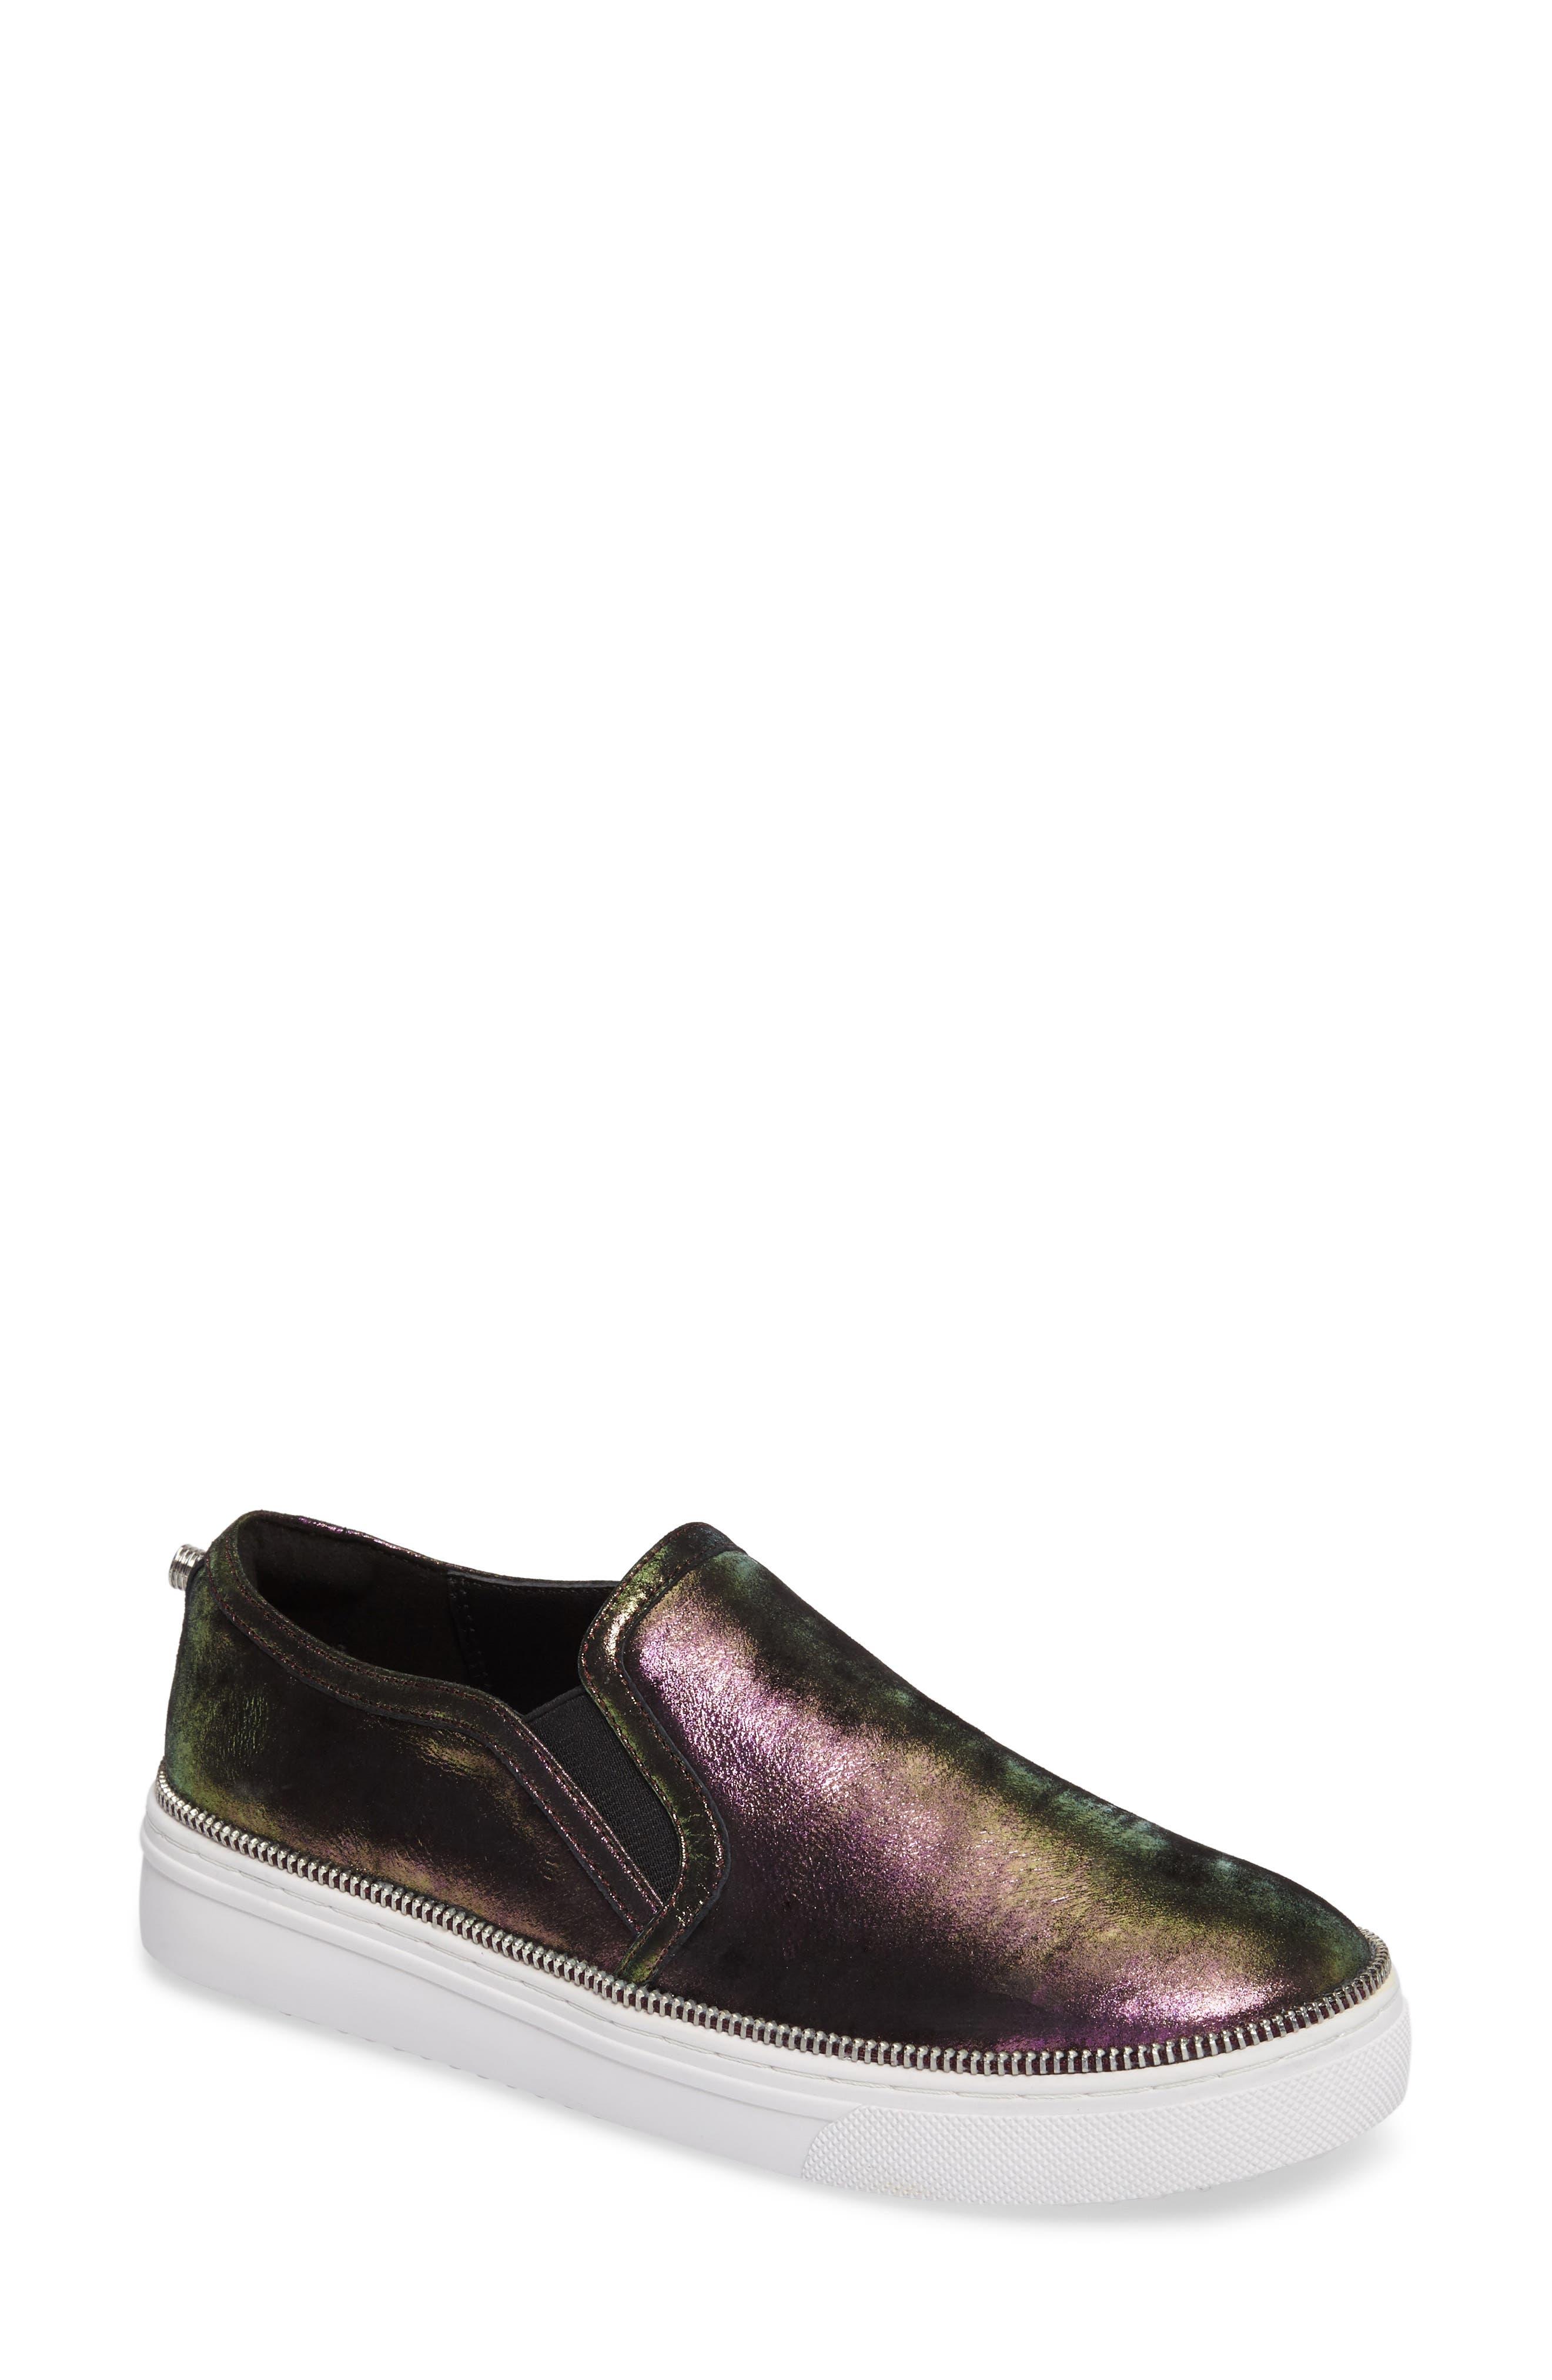 Image of Botkier Harper Slip-On Sneaker